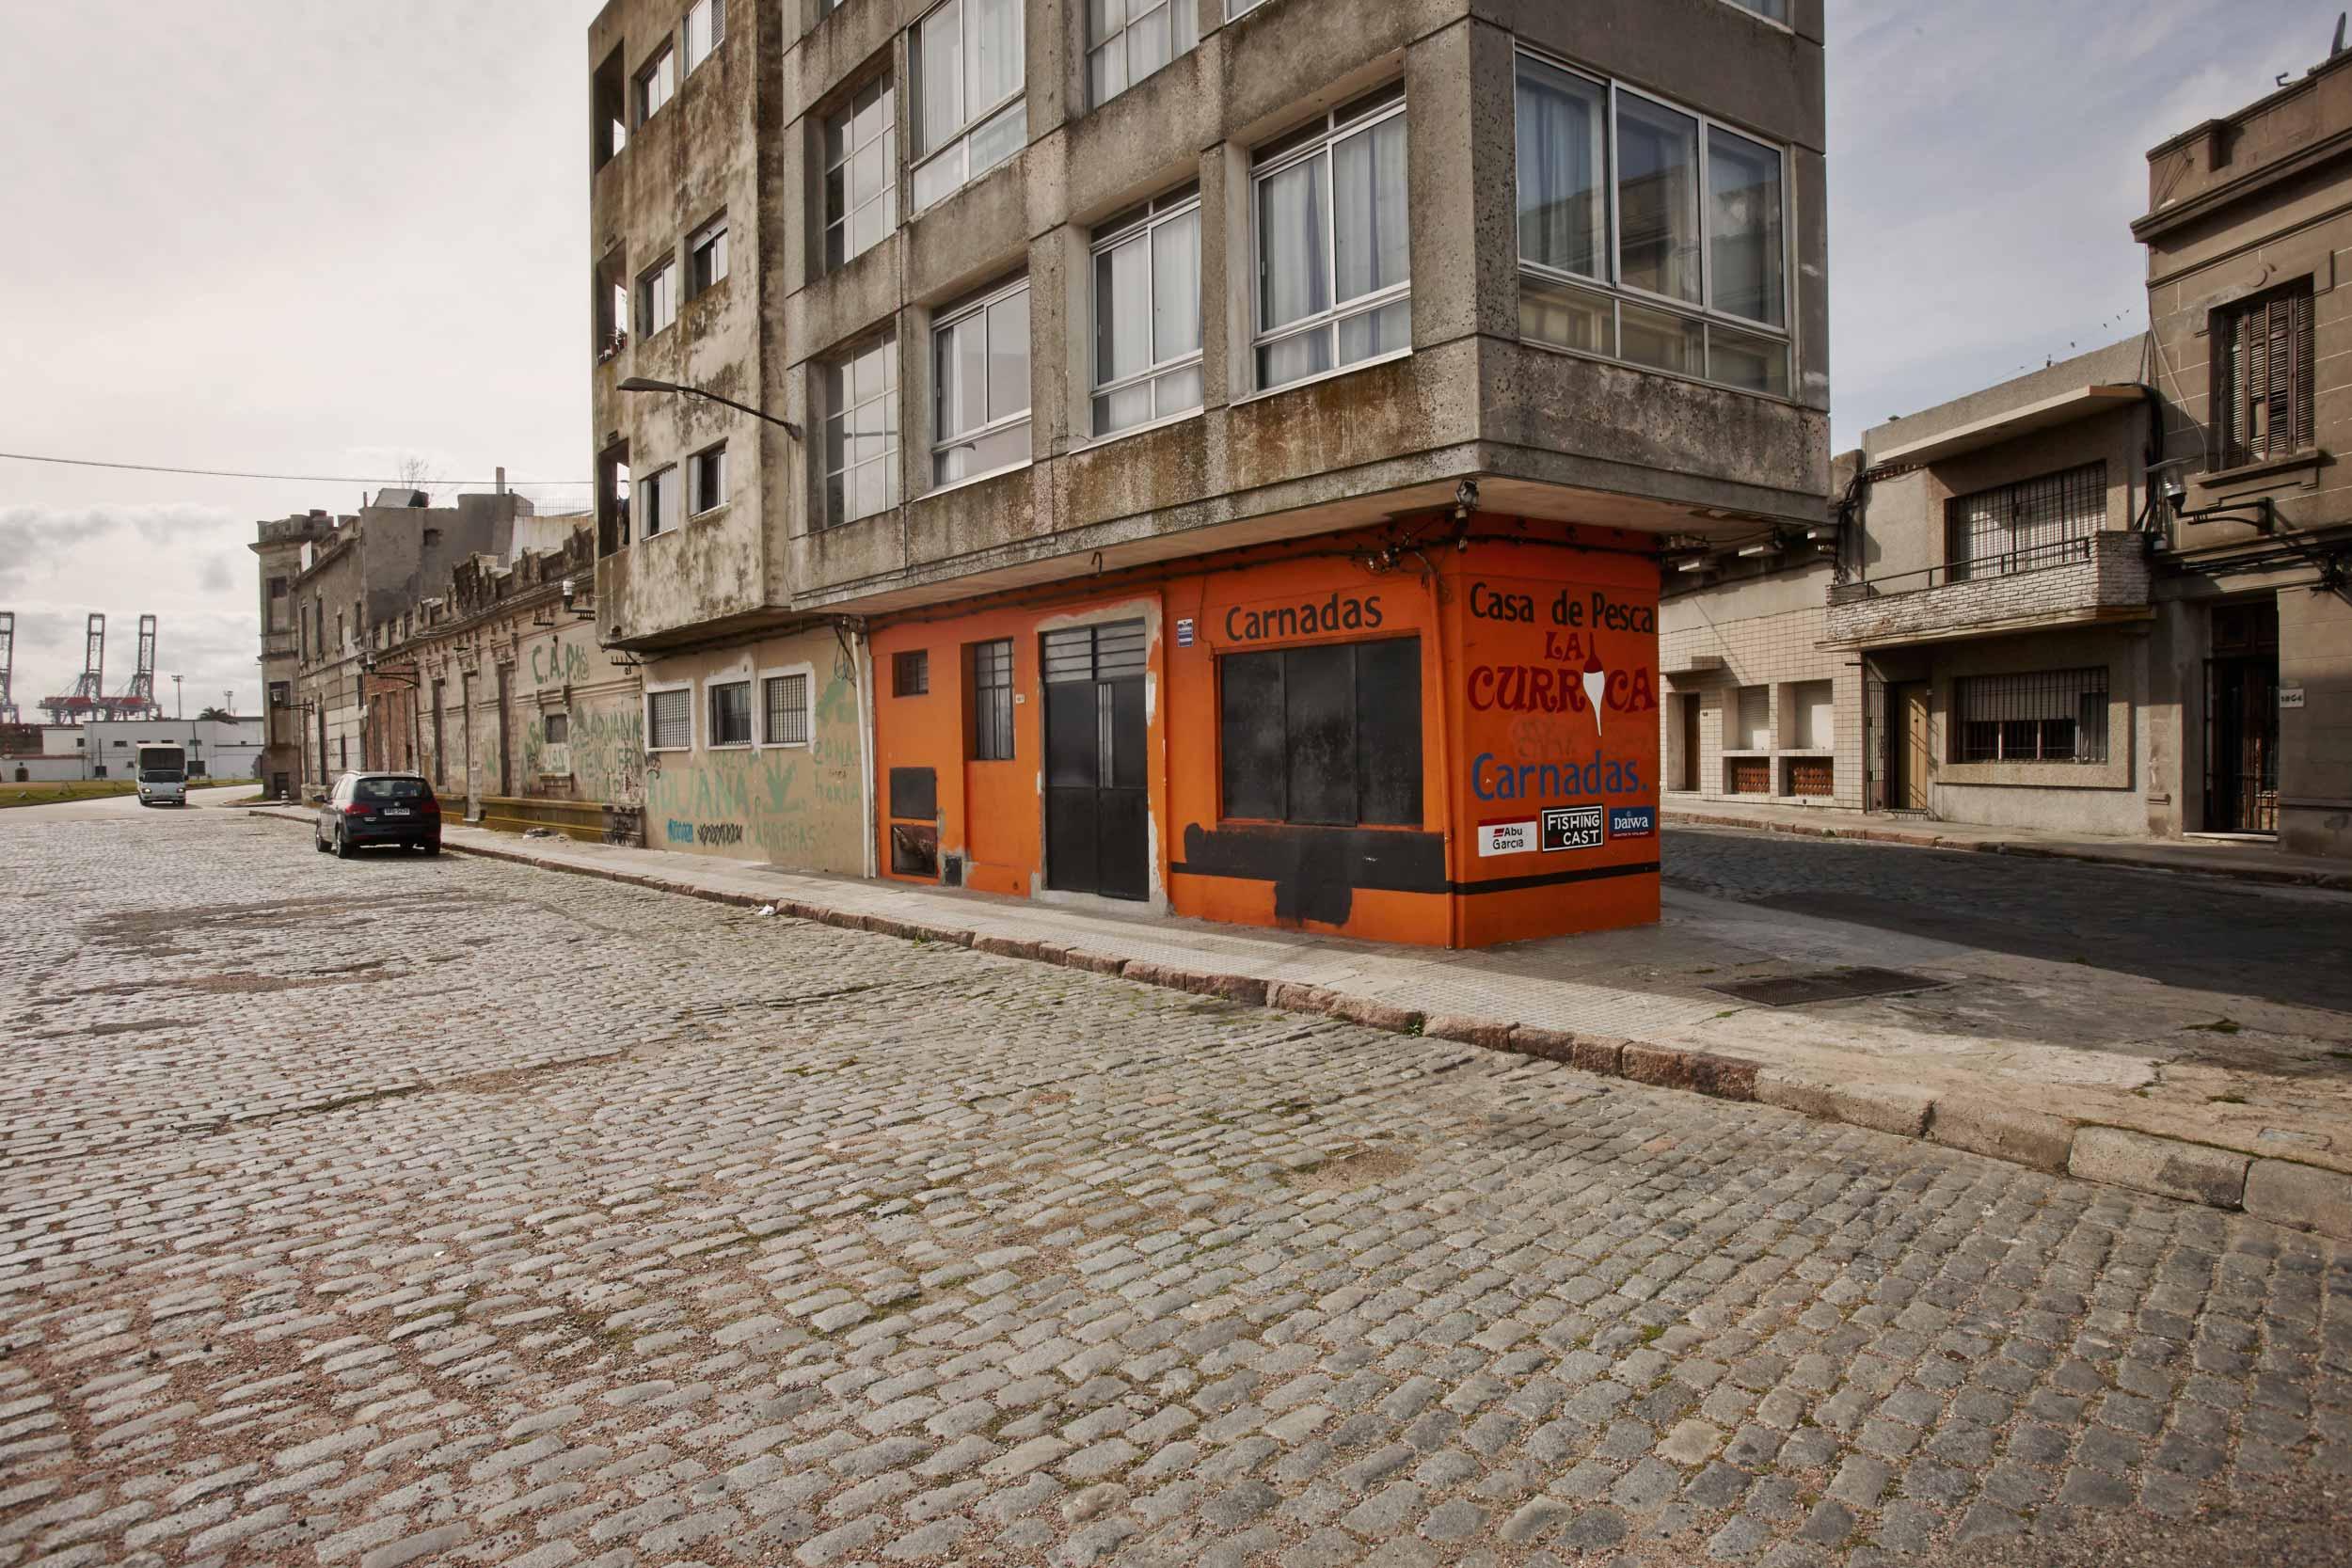 Montevideo_0253.jpg